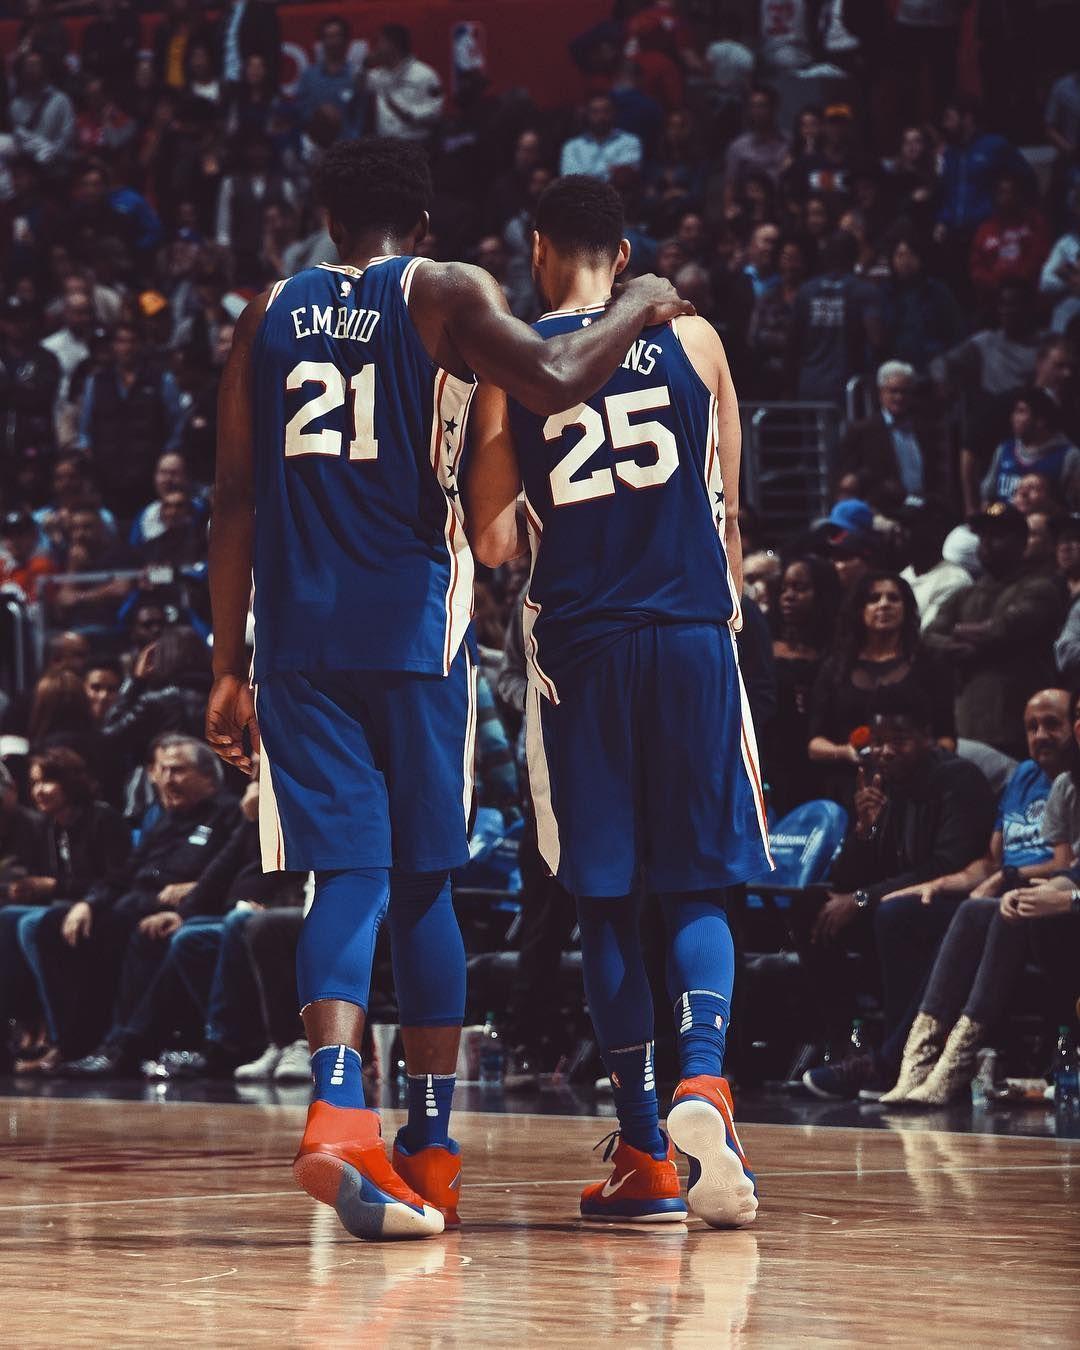 Instagram Sixers Basketball Jones Nba Wallpapers Ben